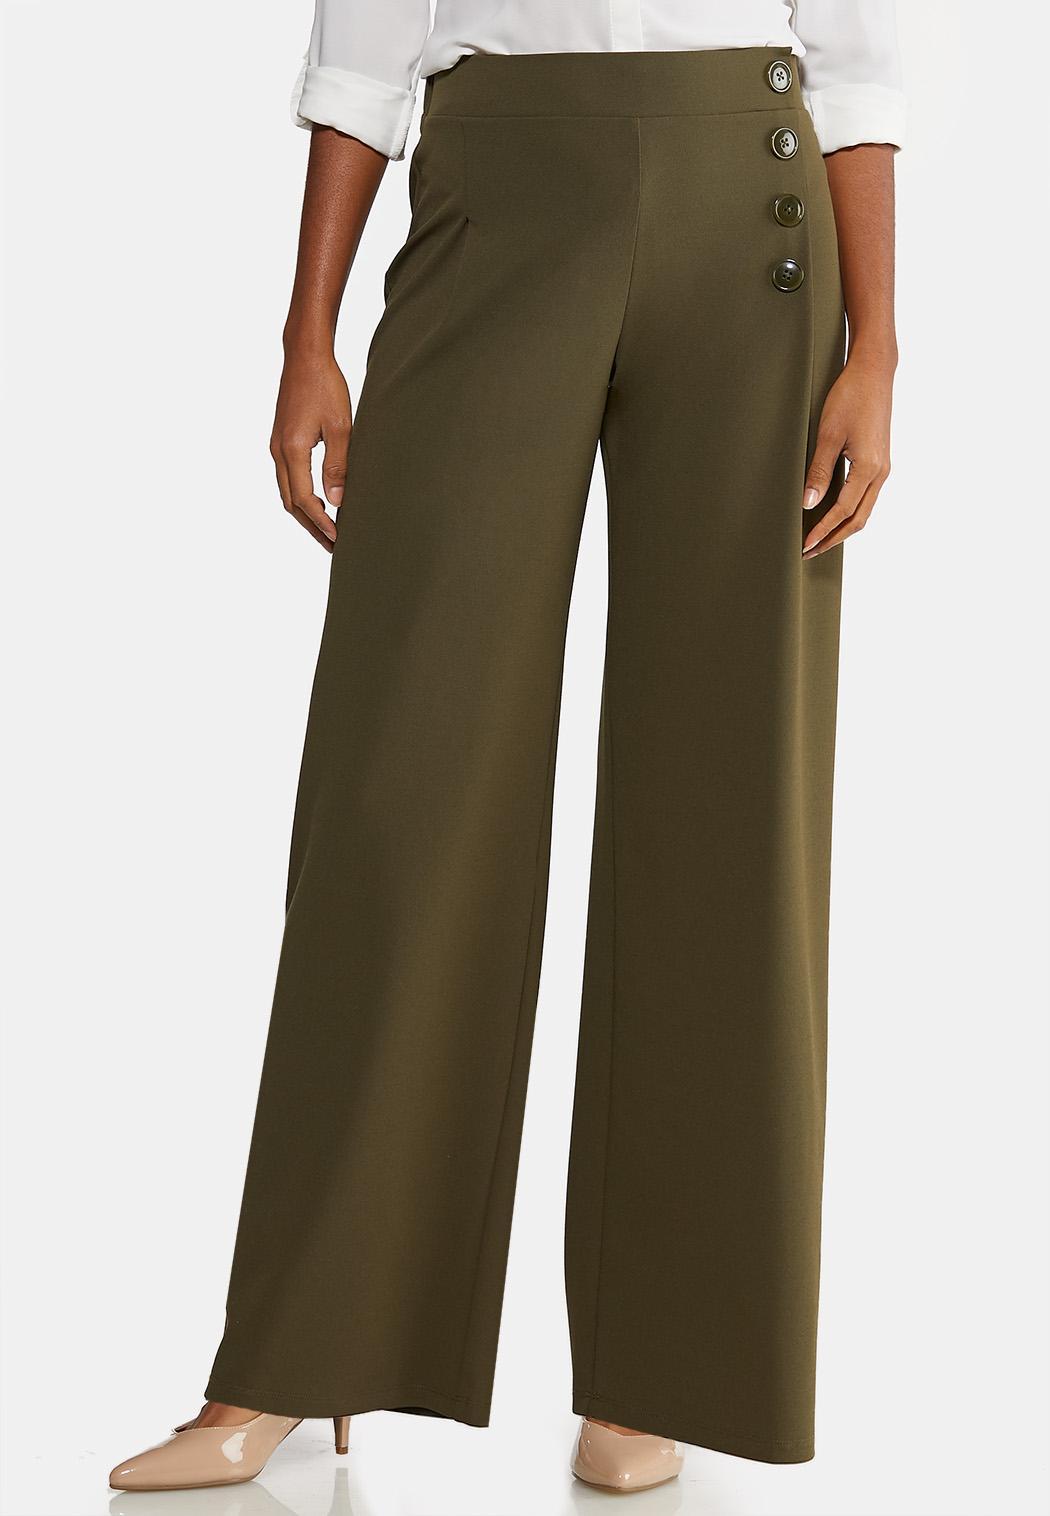 Petite Wide Leg Button Pants